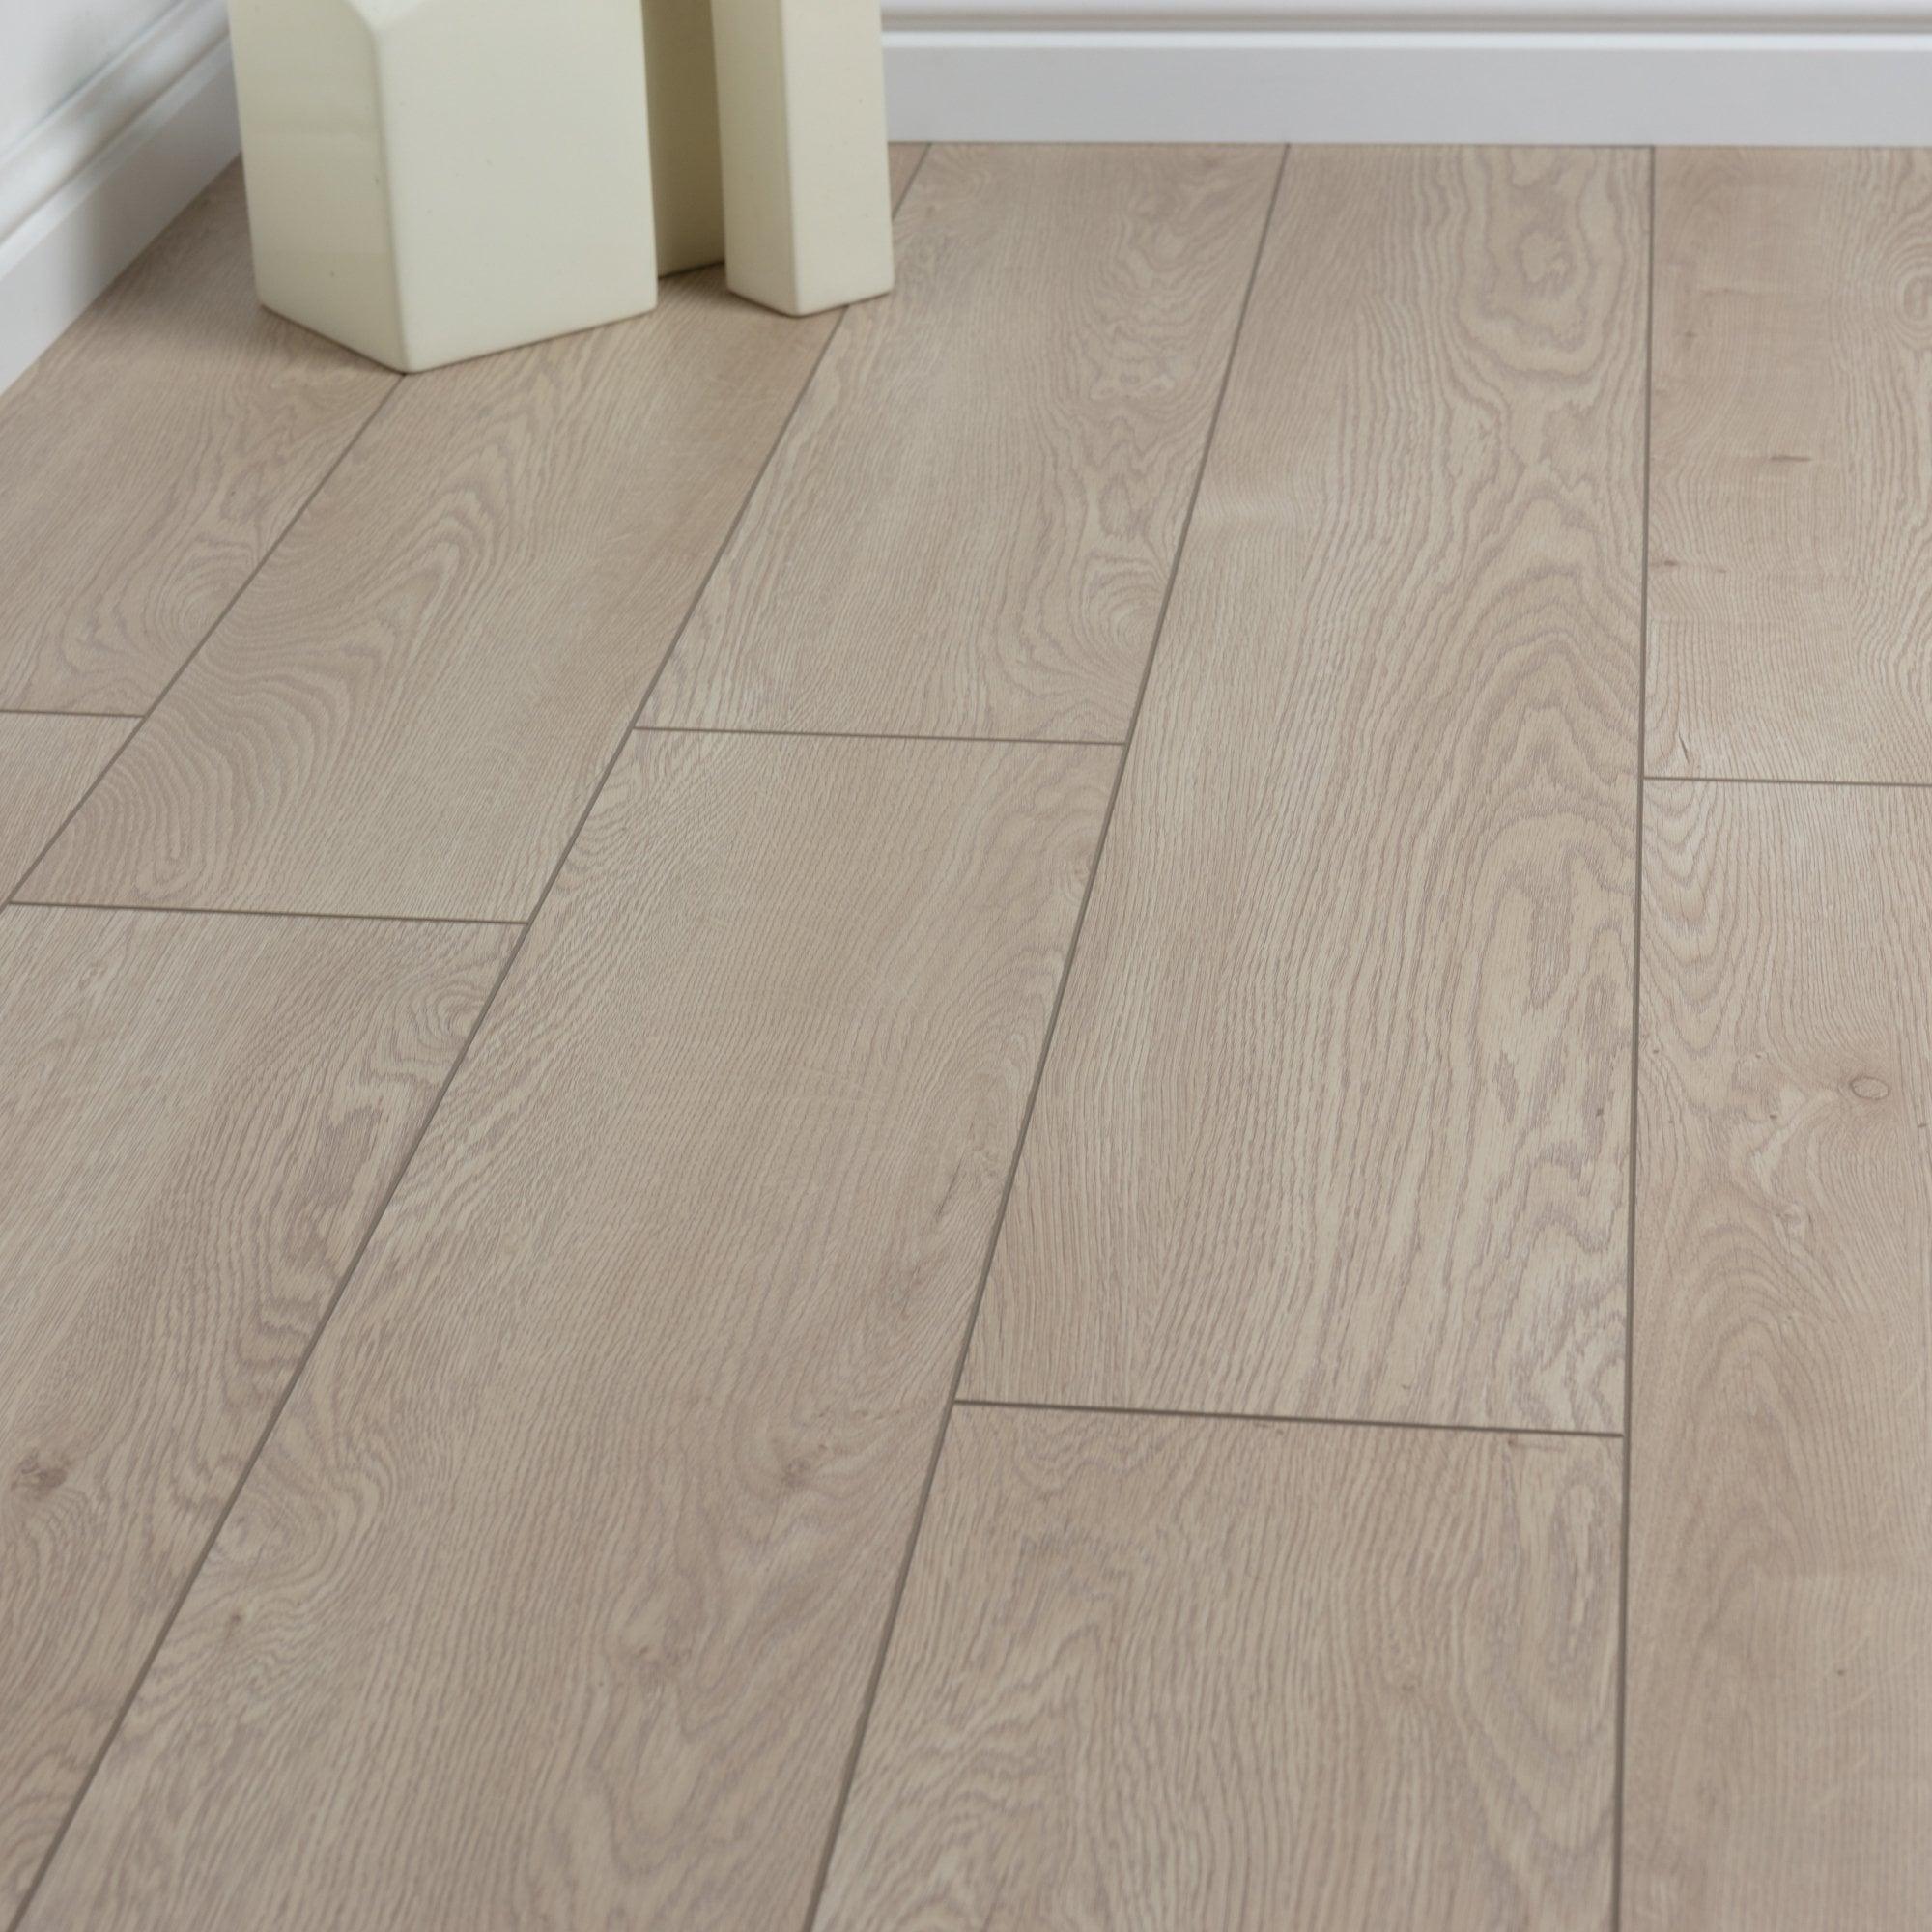 12mm Laminate Flooring Morning Oak, Oak Color Laminate Flooring